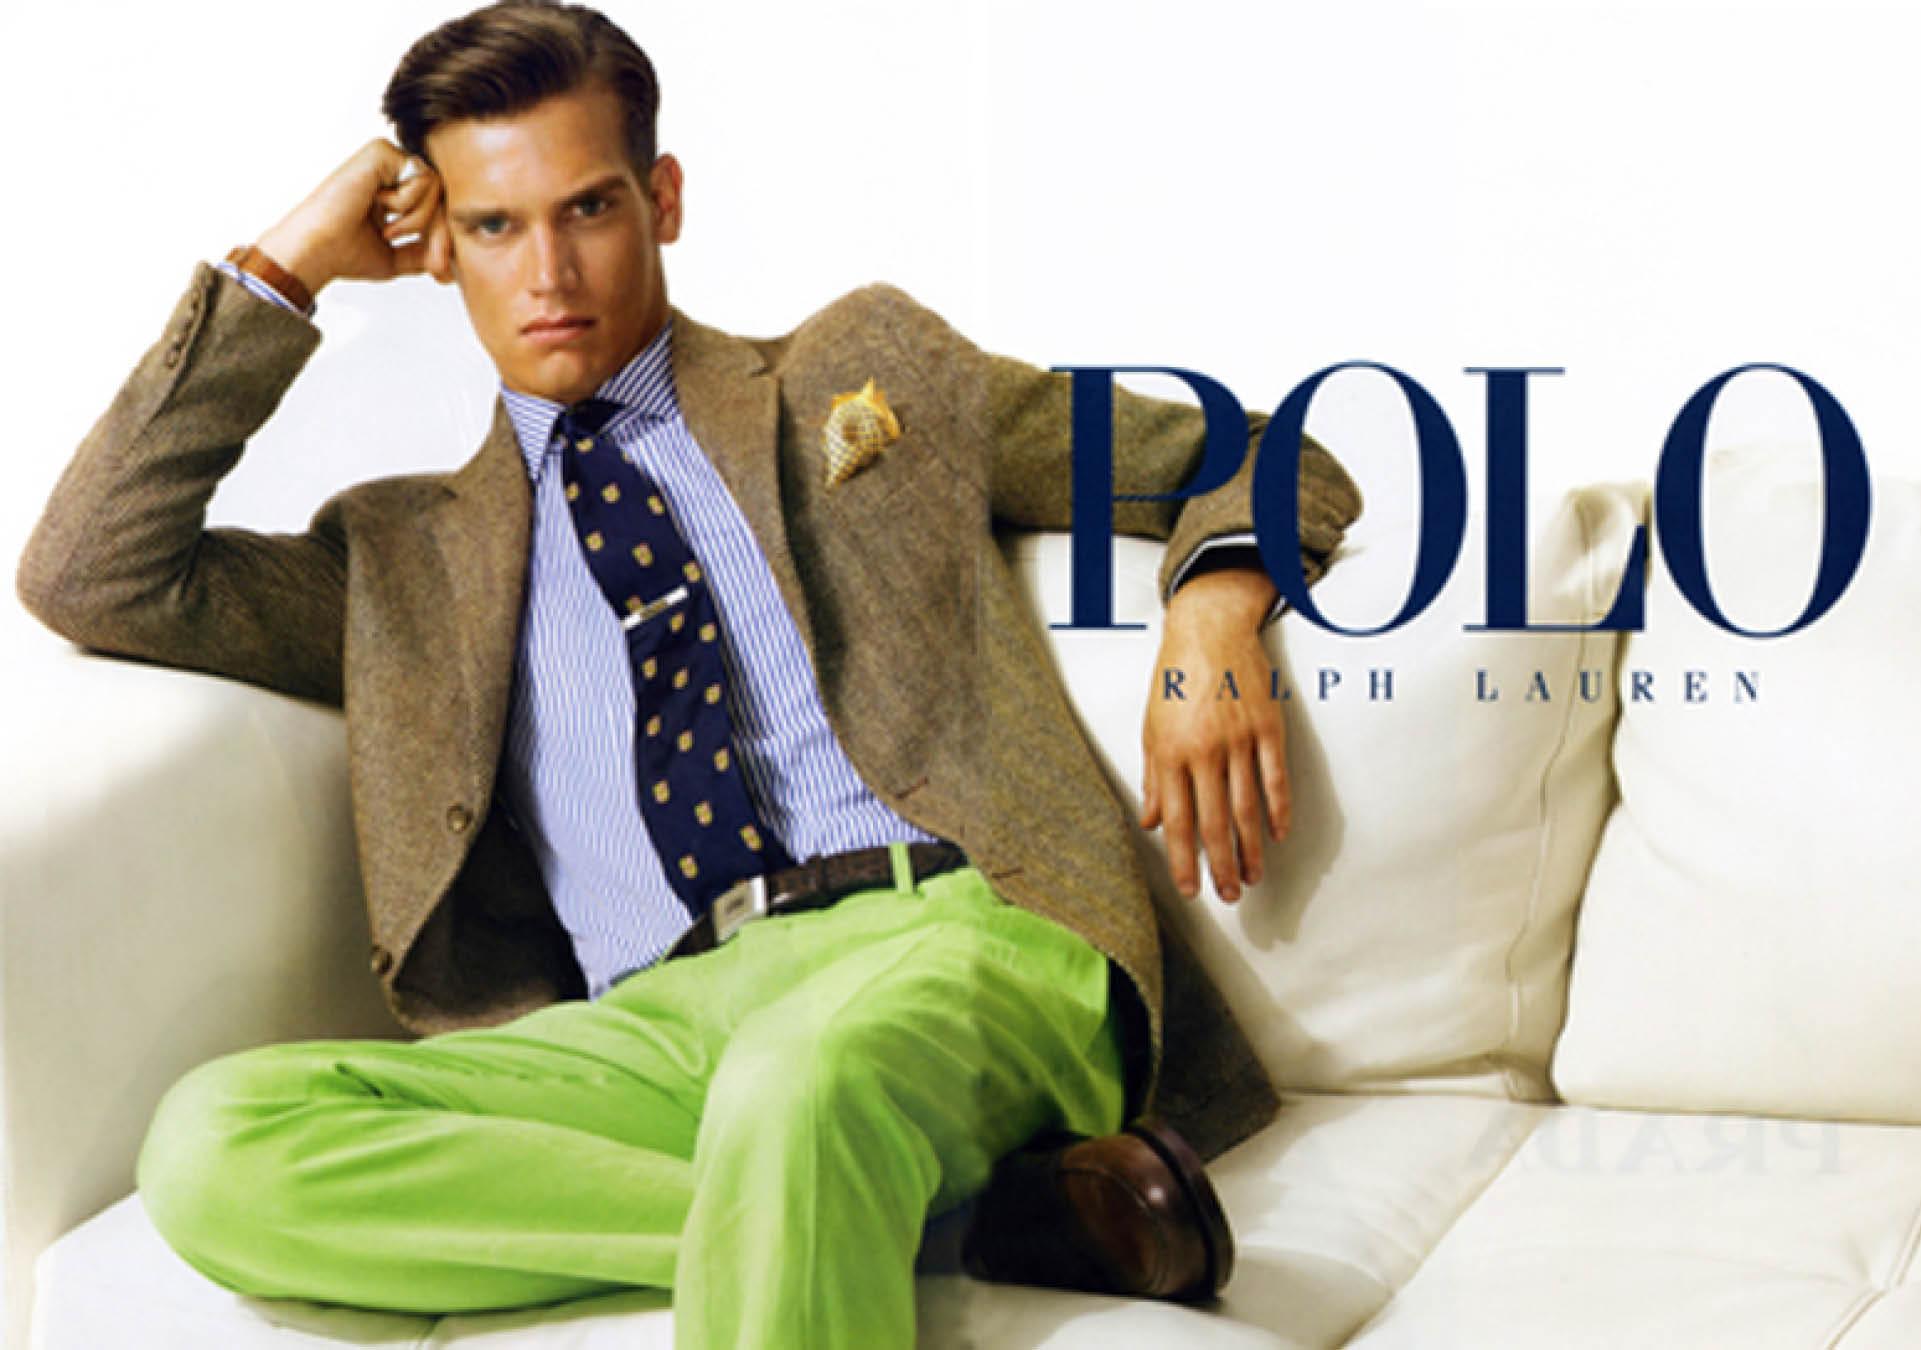 polo all73.jpg